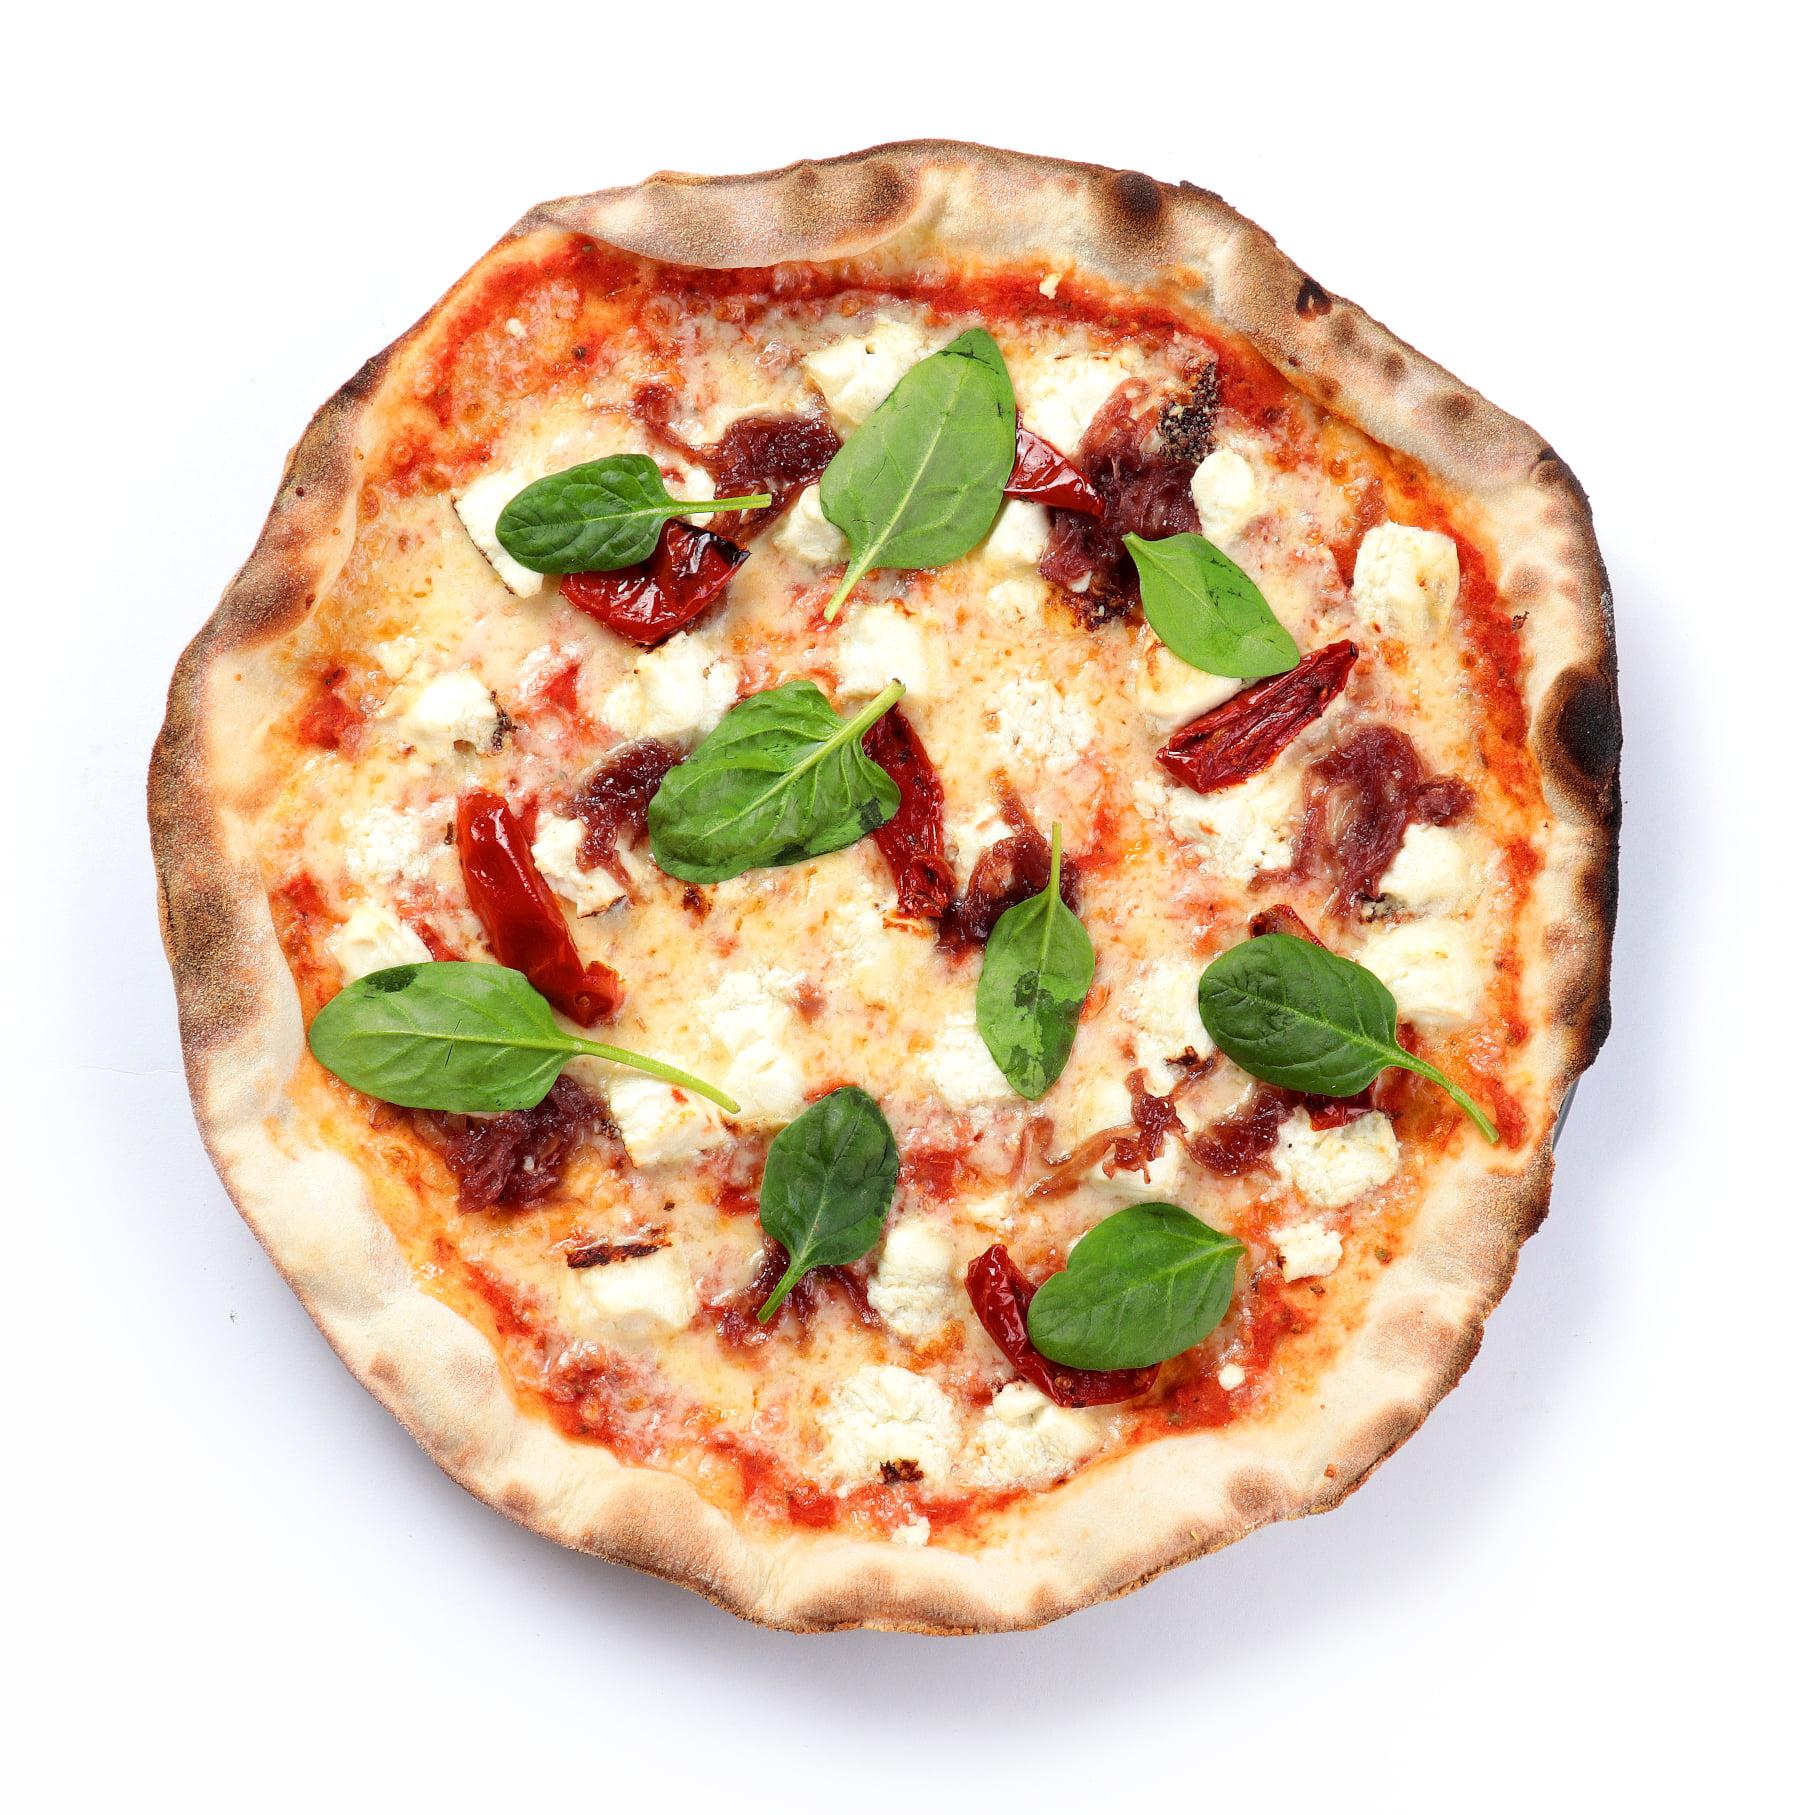 platos típicos de italia - Tres platos típicos de la gastronomía italiana que puedes encontrar en 'La Mafia se sienta a la mesa'